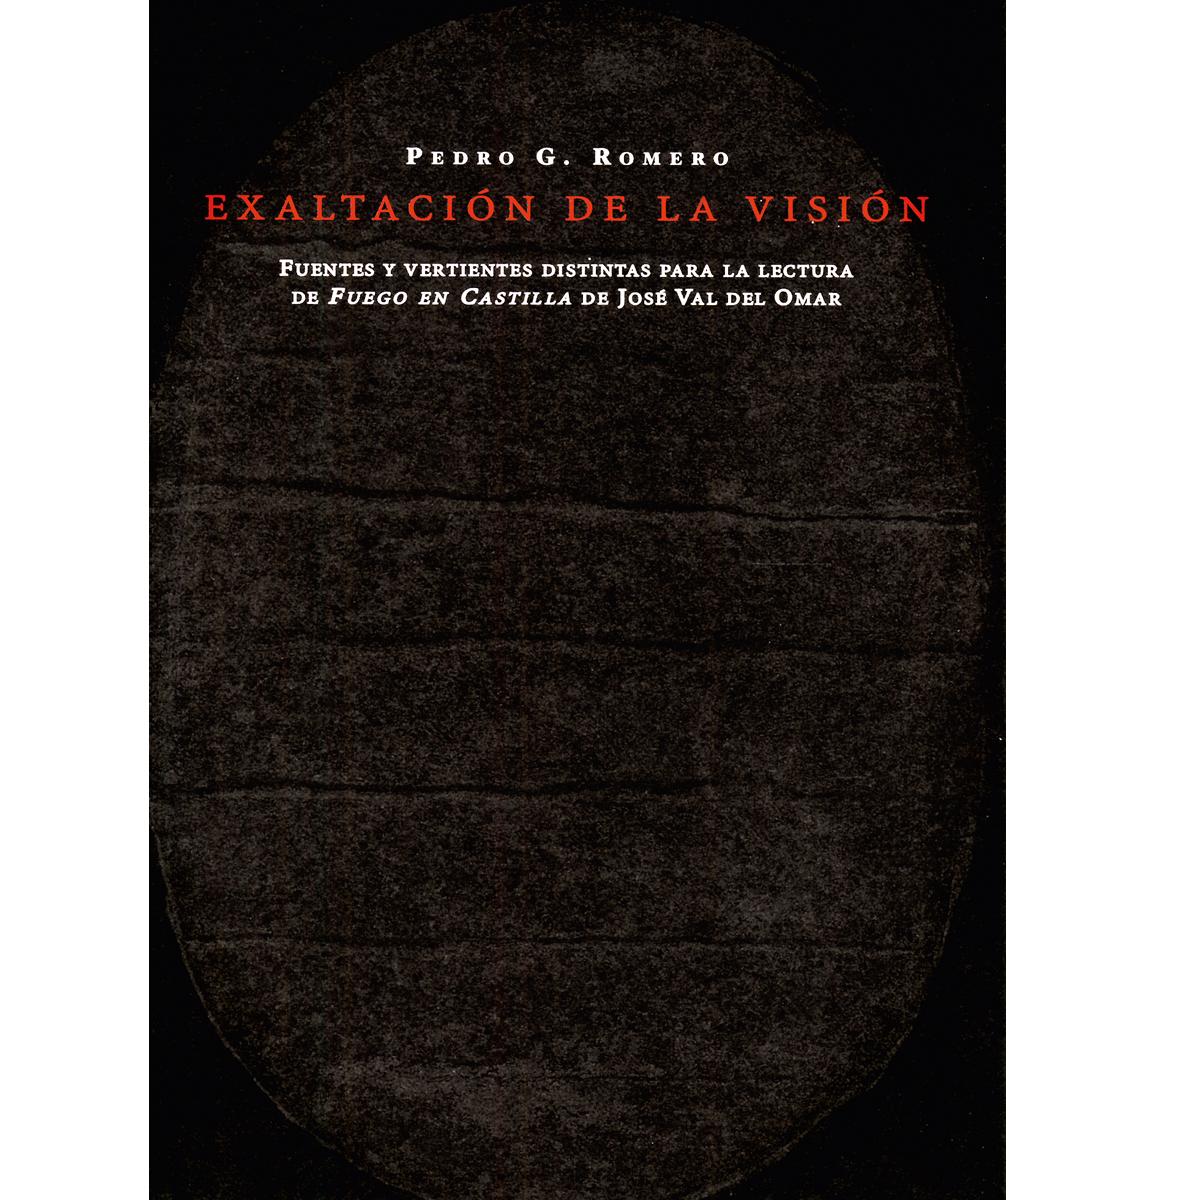 Exaltación de la visión